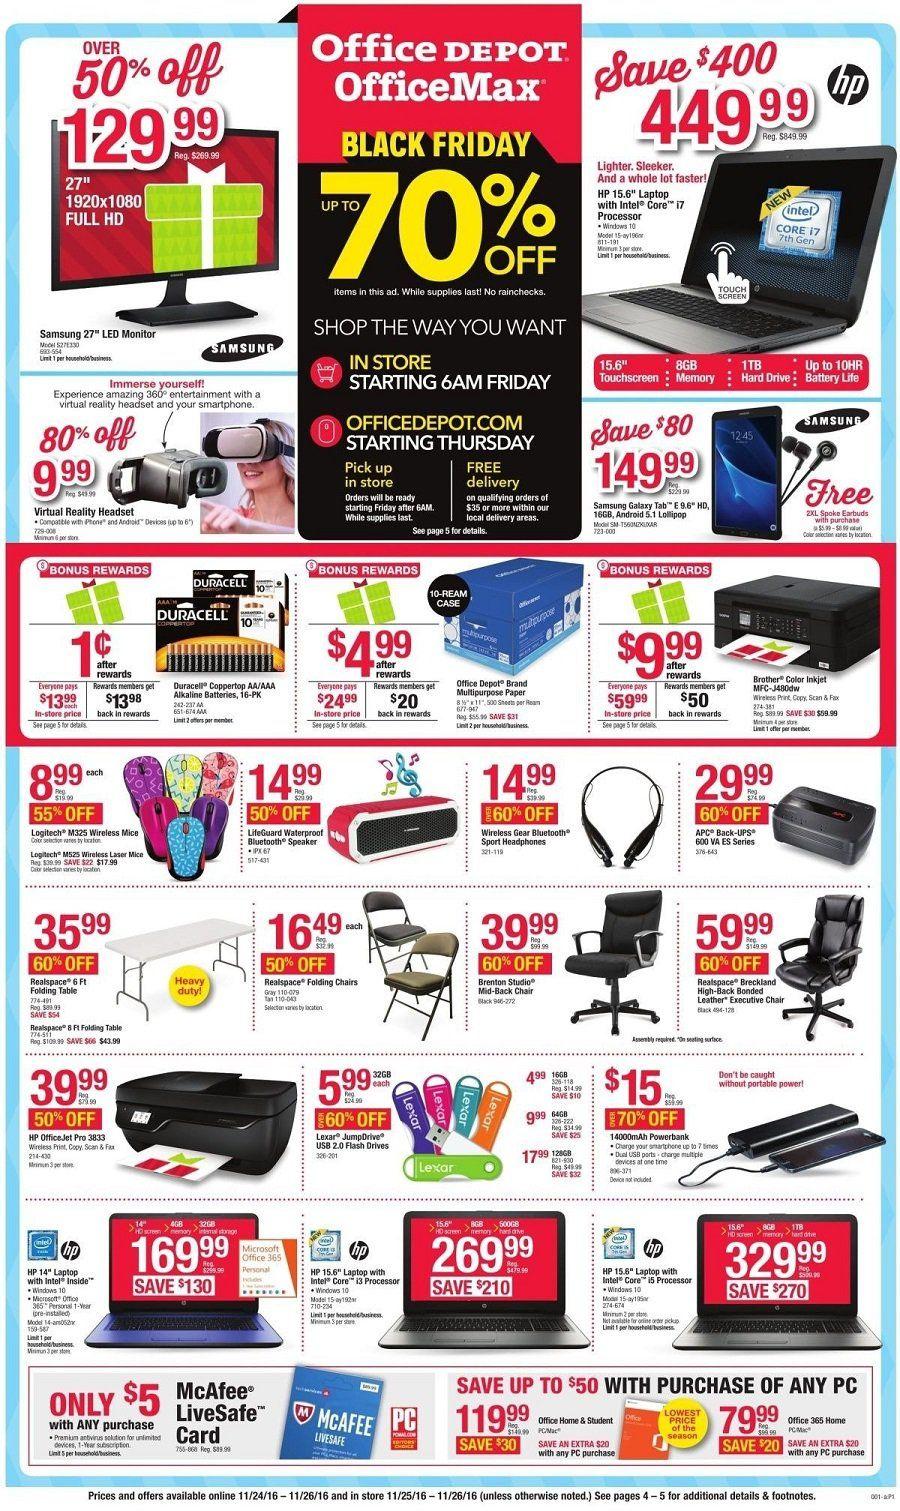 Office Depot 2019 Black Friday Ad Black Friday Ads Office Depot Black Friday